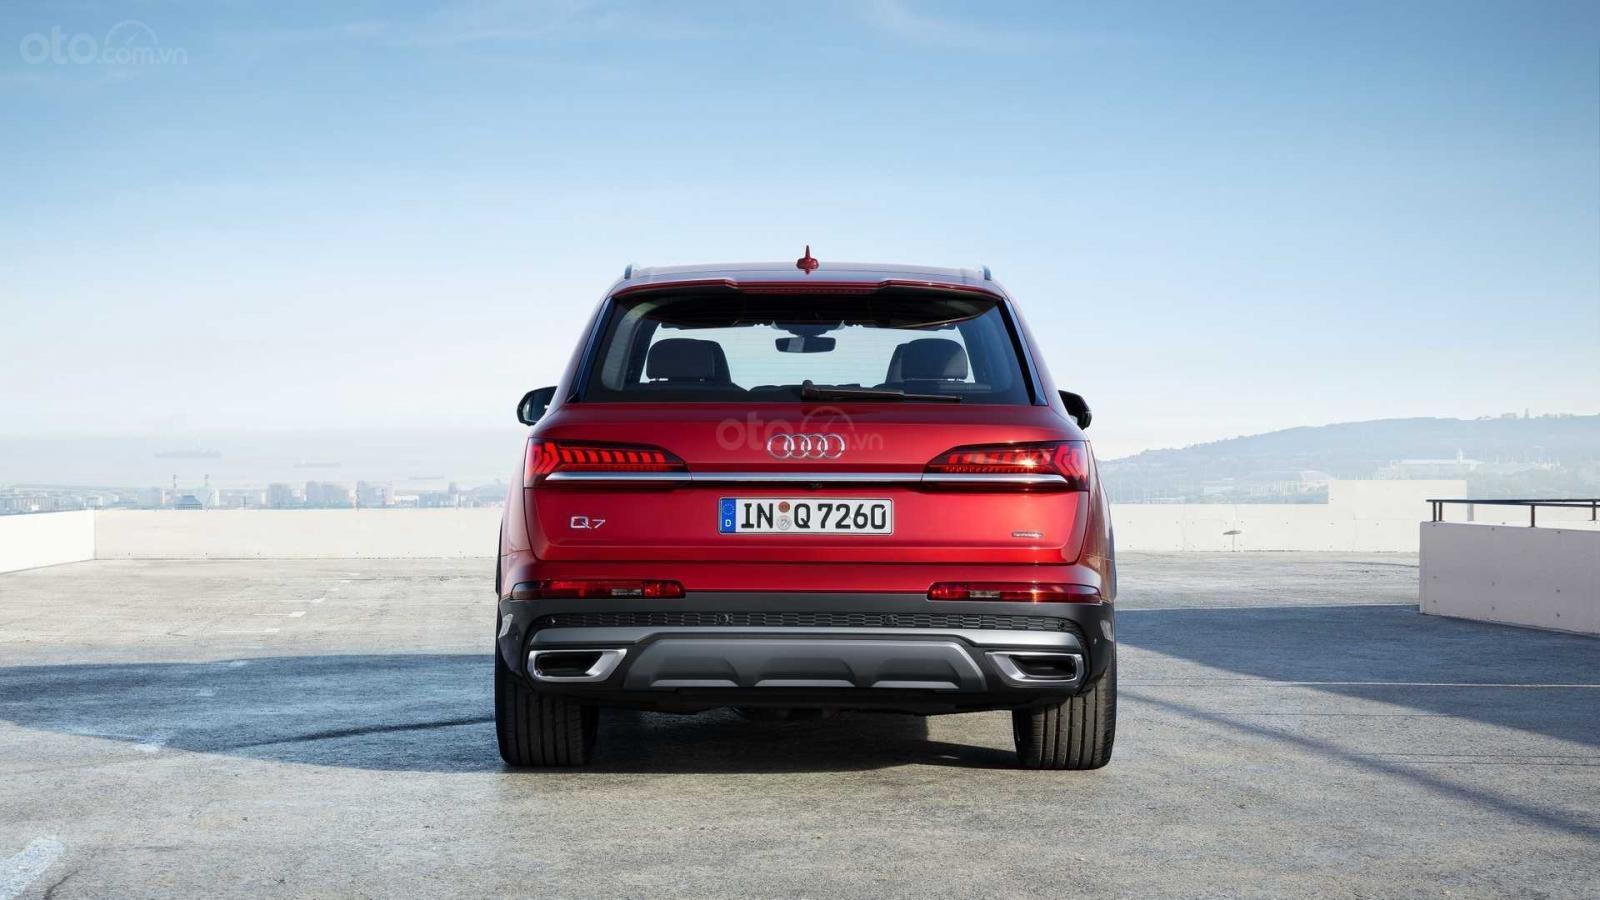 Đuôi xe Audi Q7 2020